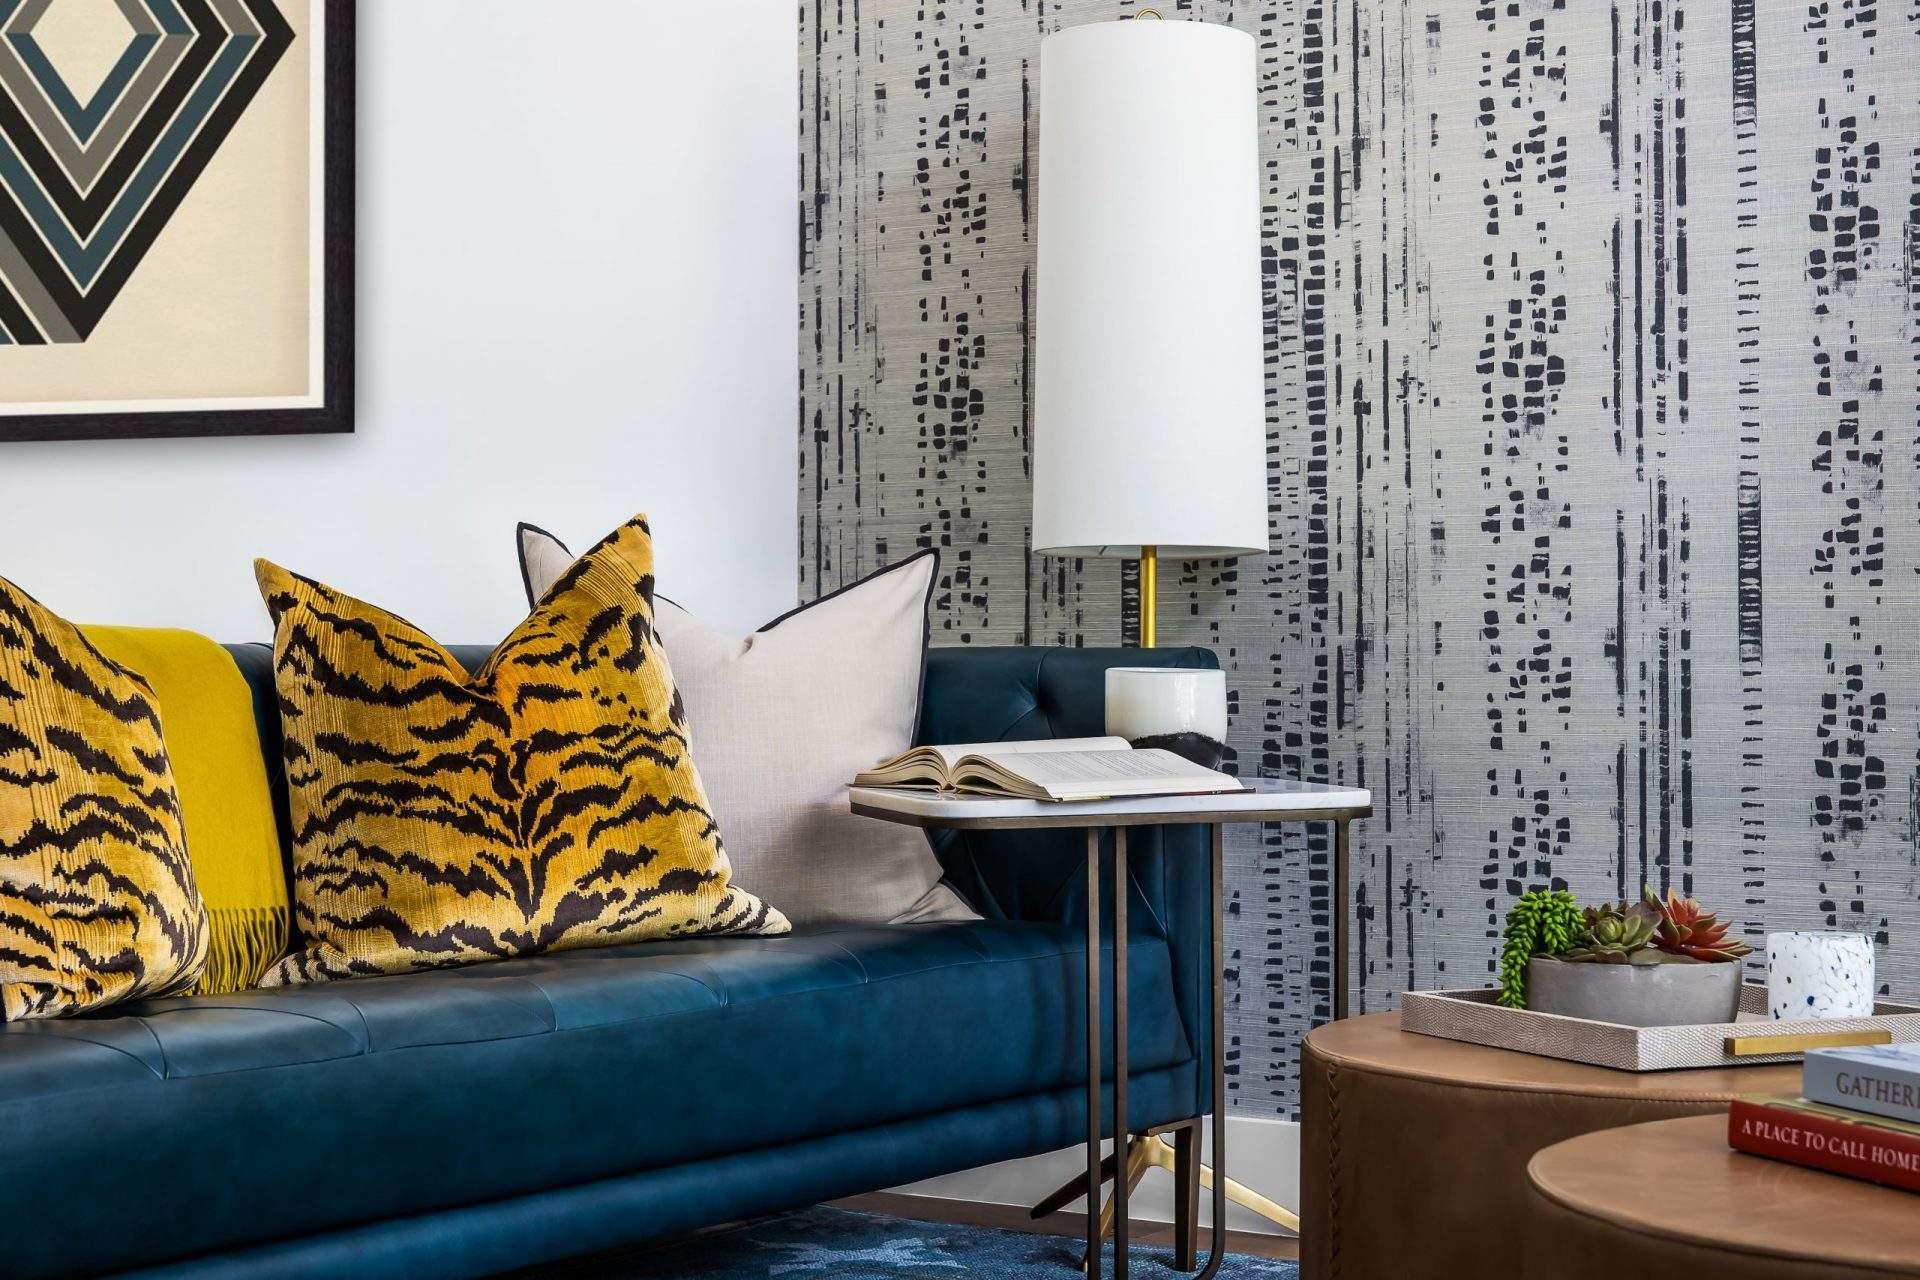 Home Interior Design, Blue Sofa with Tiger Print Throw Pillow, Etch Interior Design, Austin, Texas